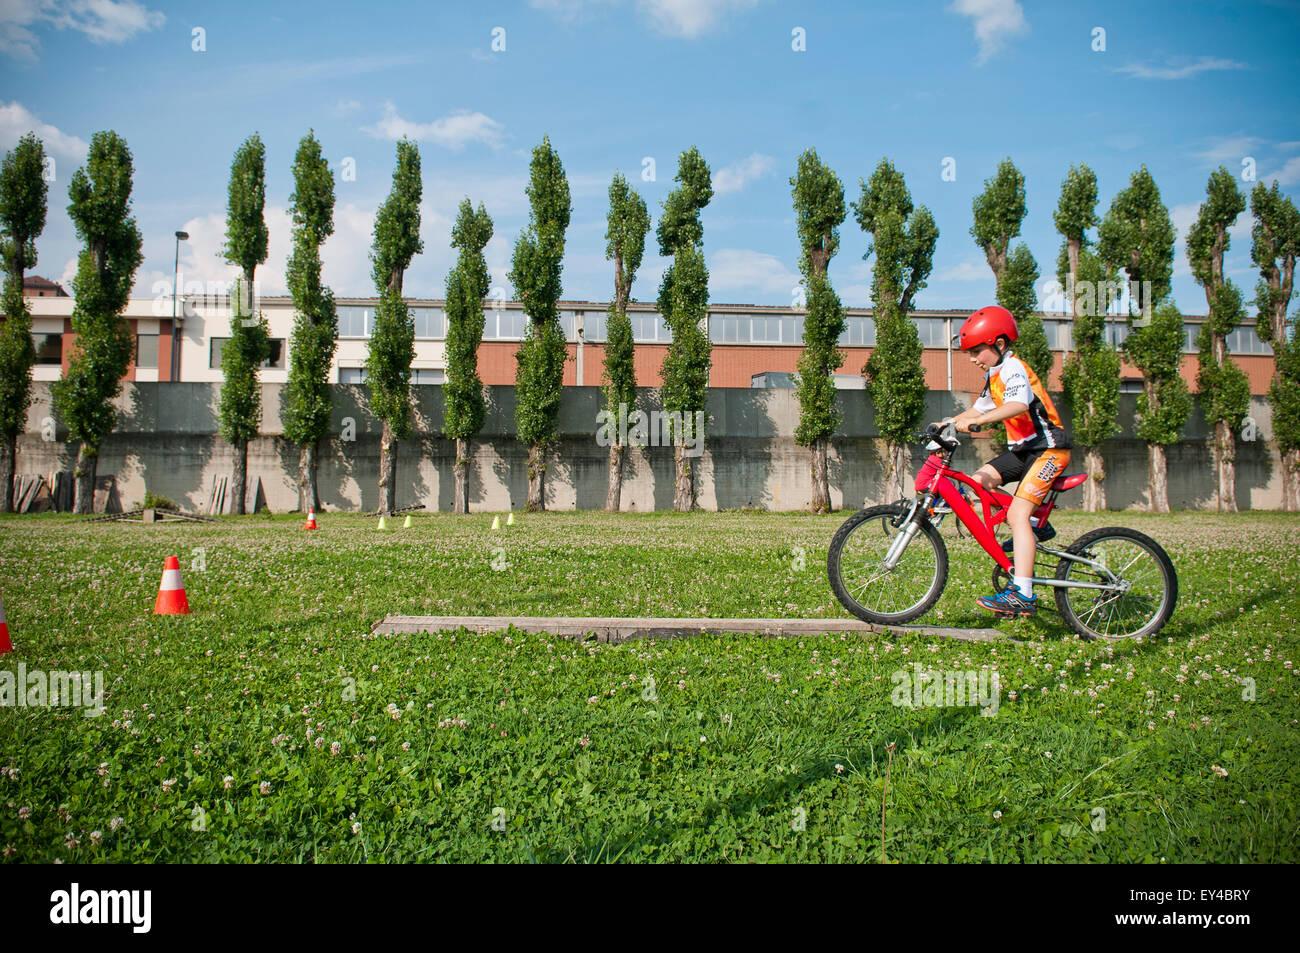 Ragazzo Equitazione Mountain bike attraverso il percorso ad ostacoli Immagini Stock